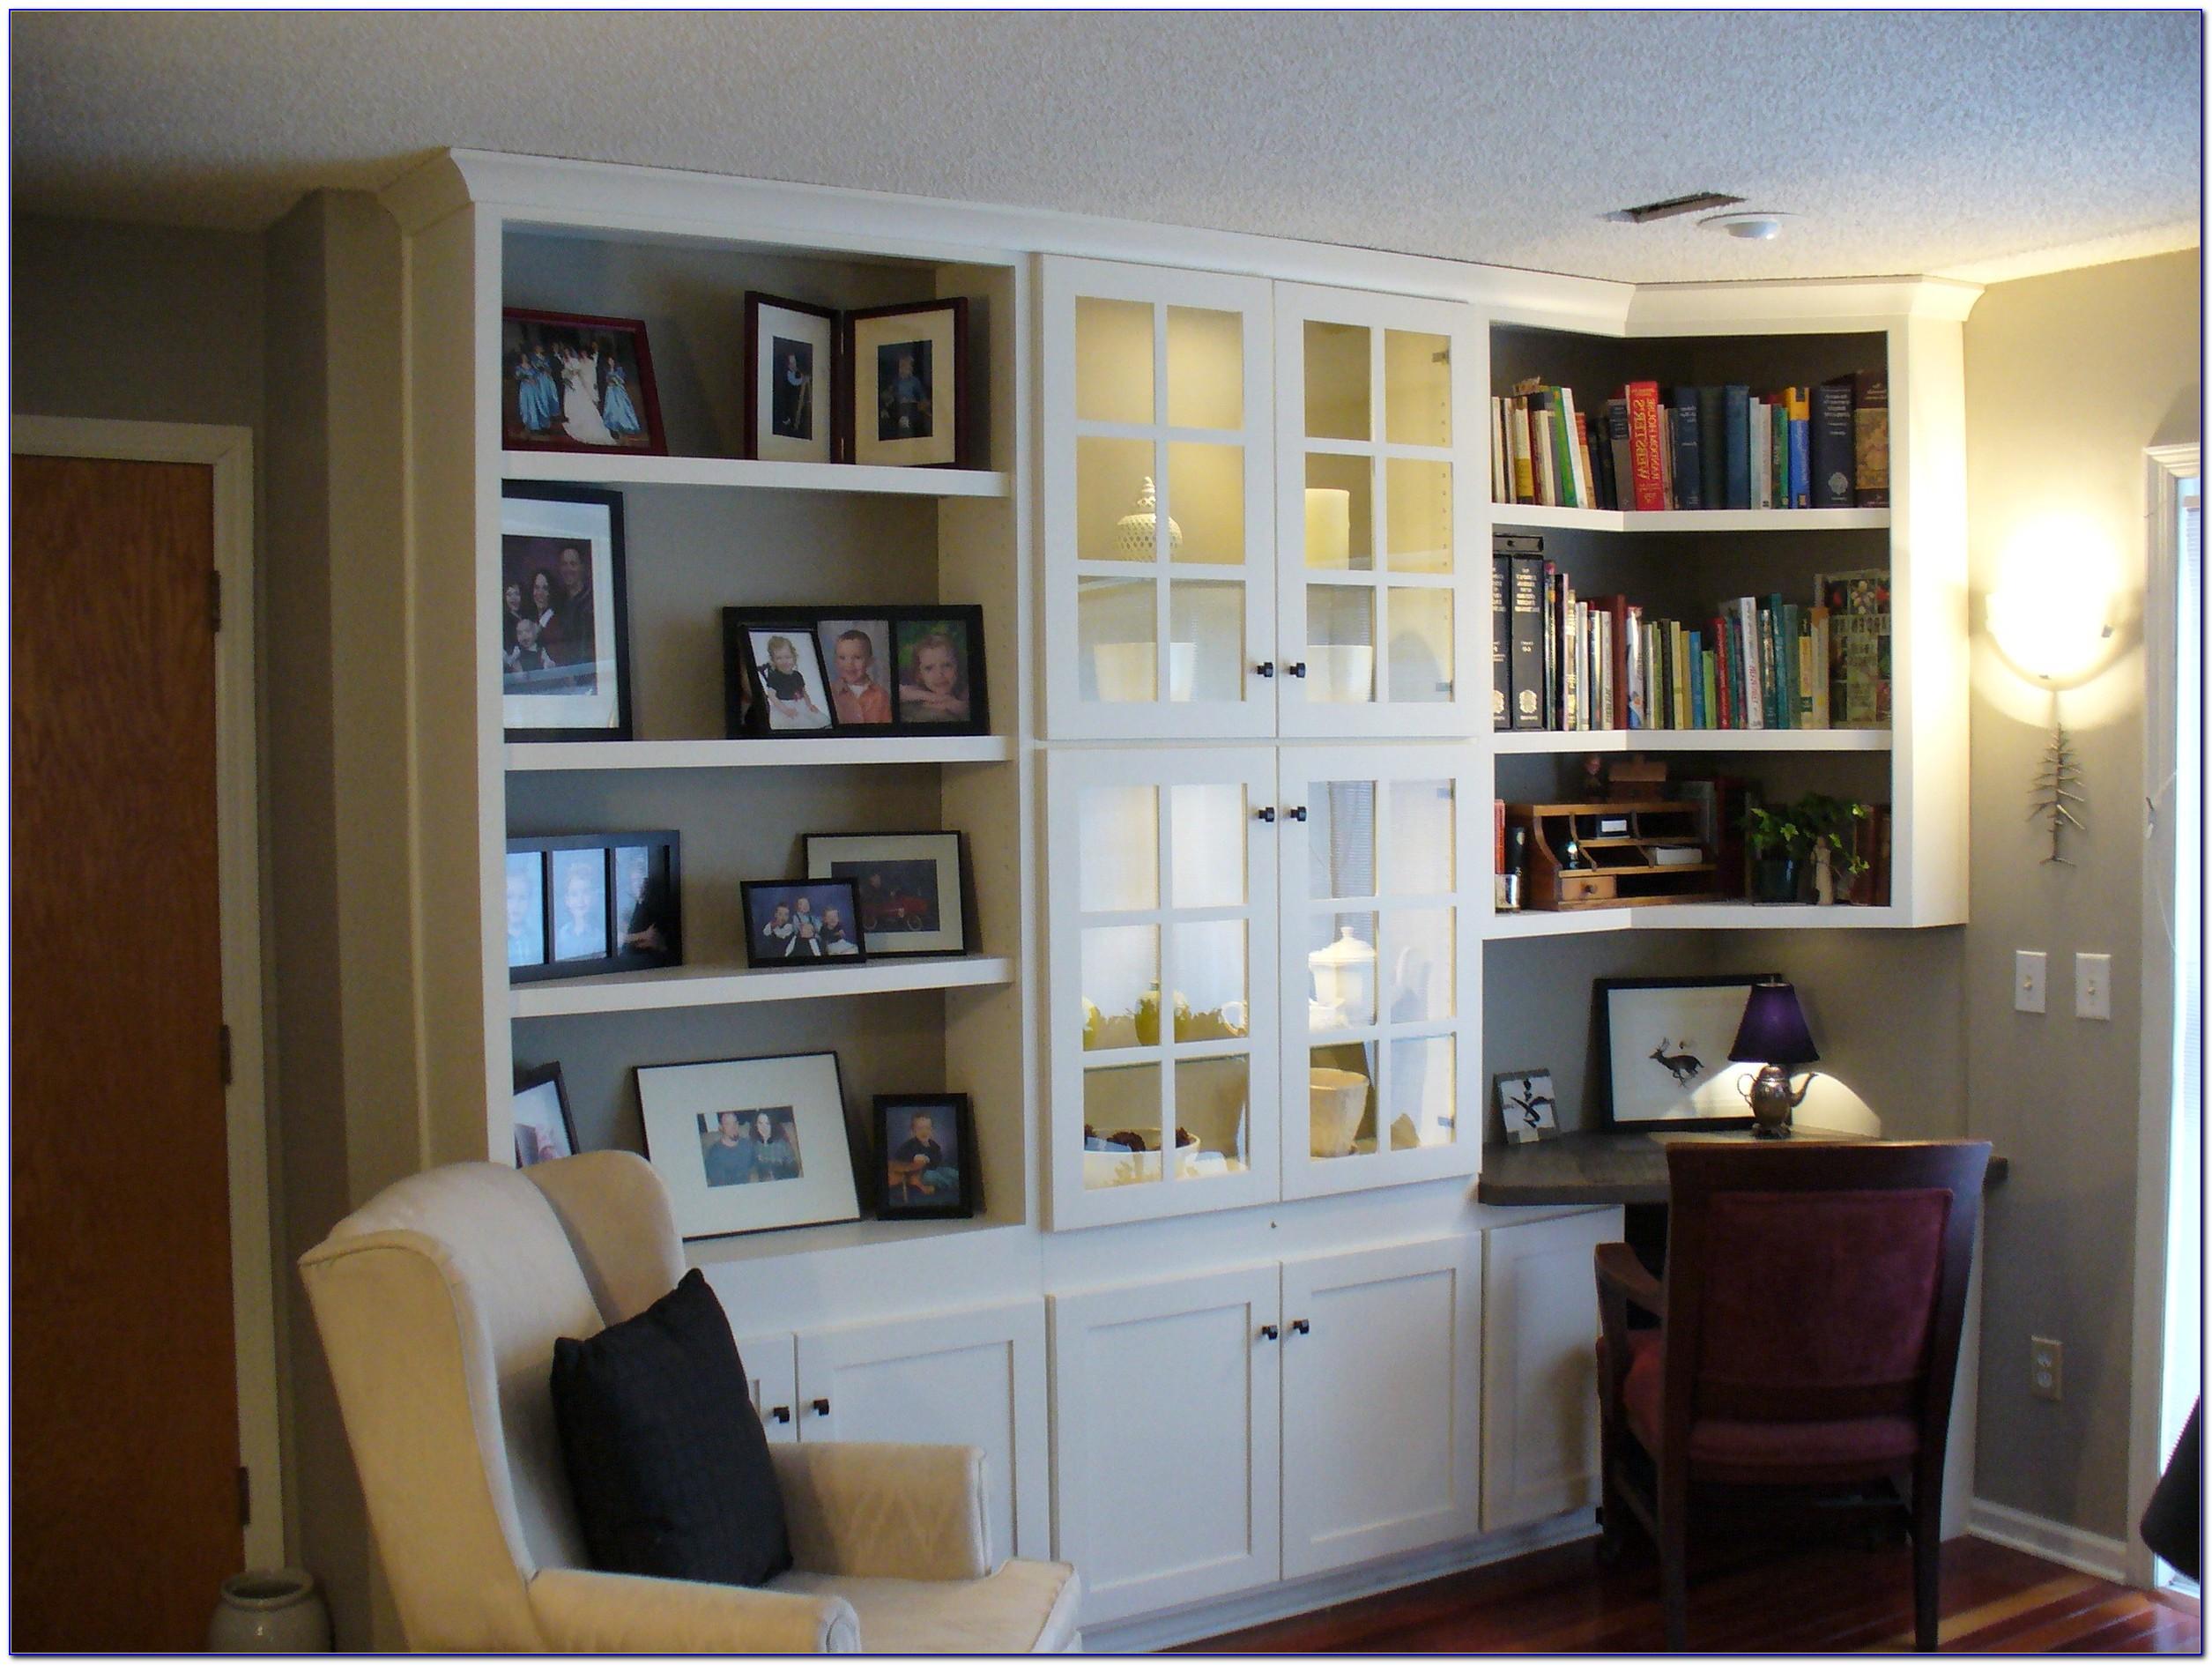 Diy Built In Bookshelves And Desk